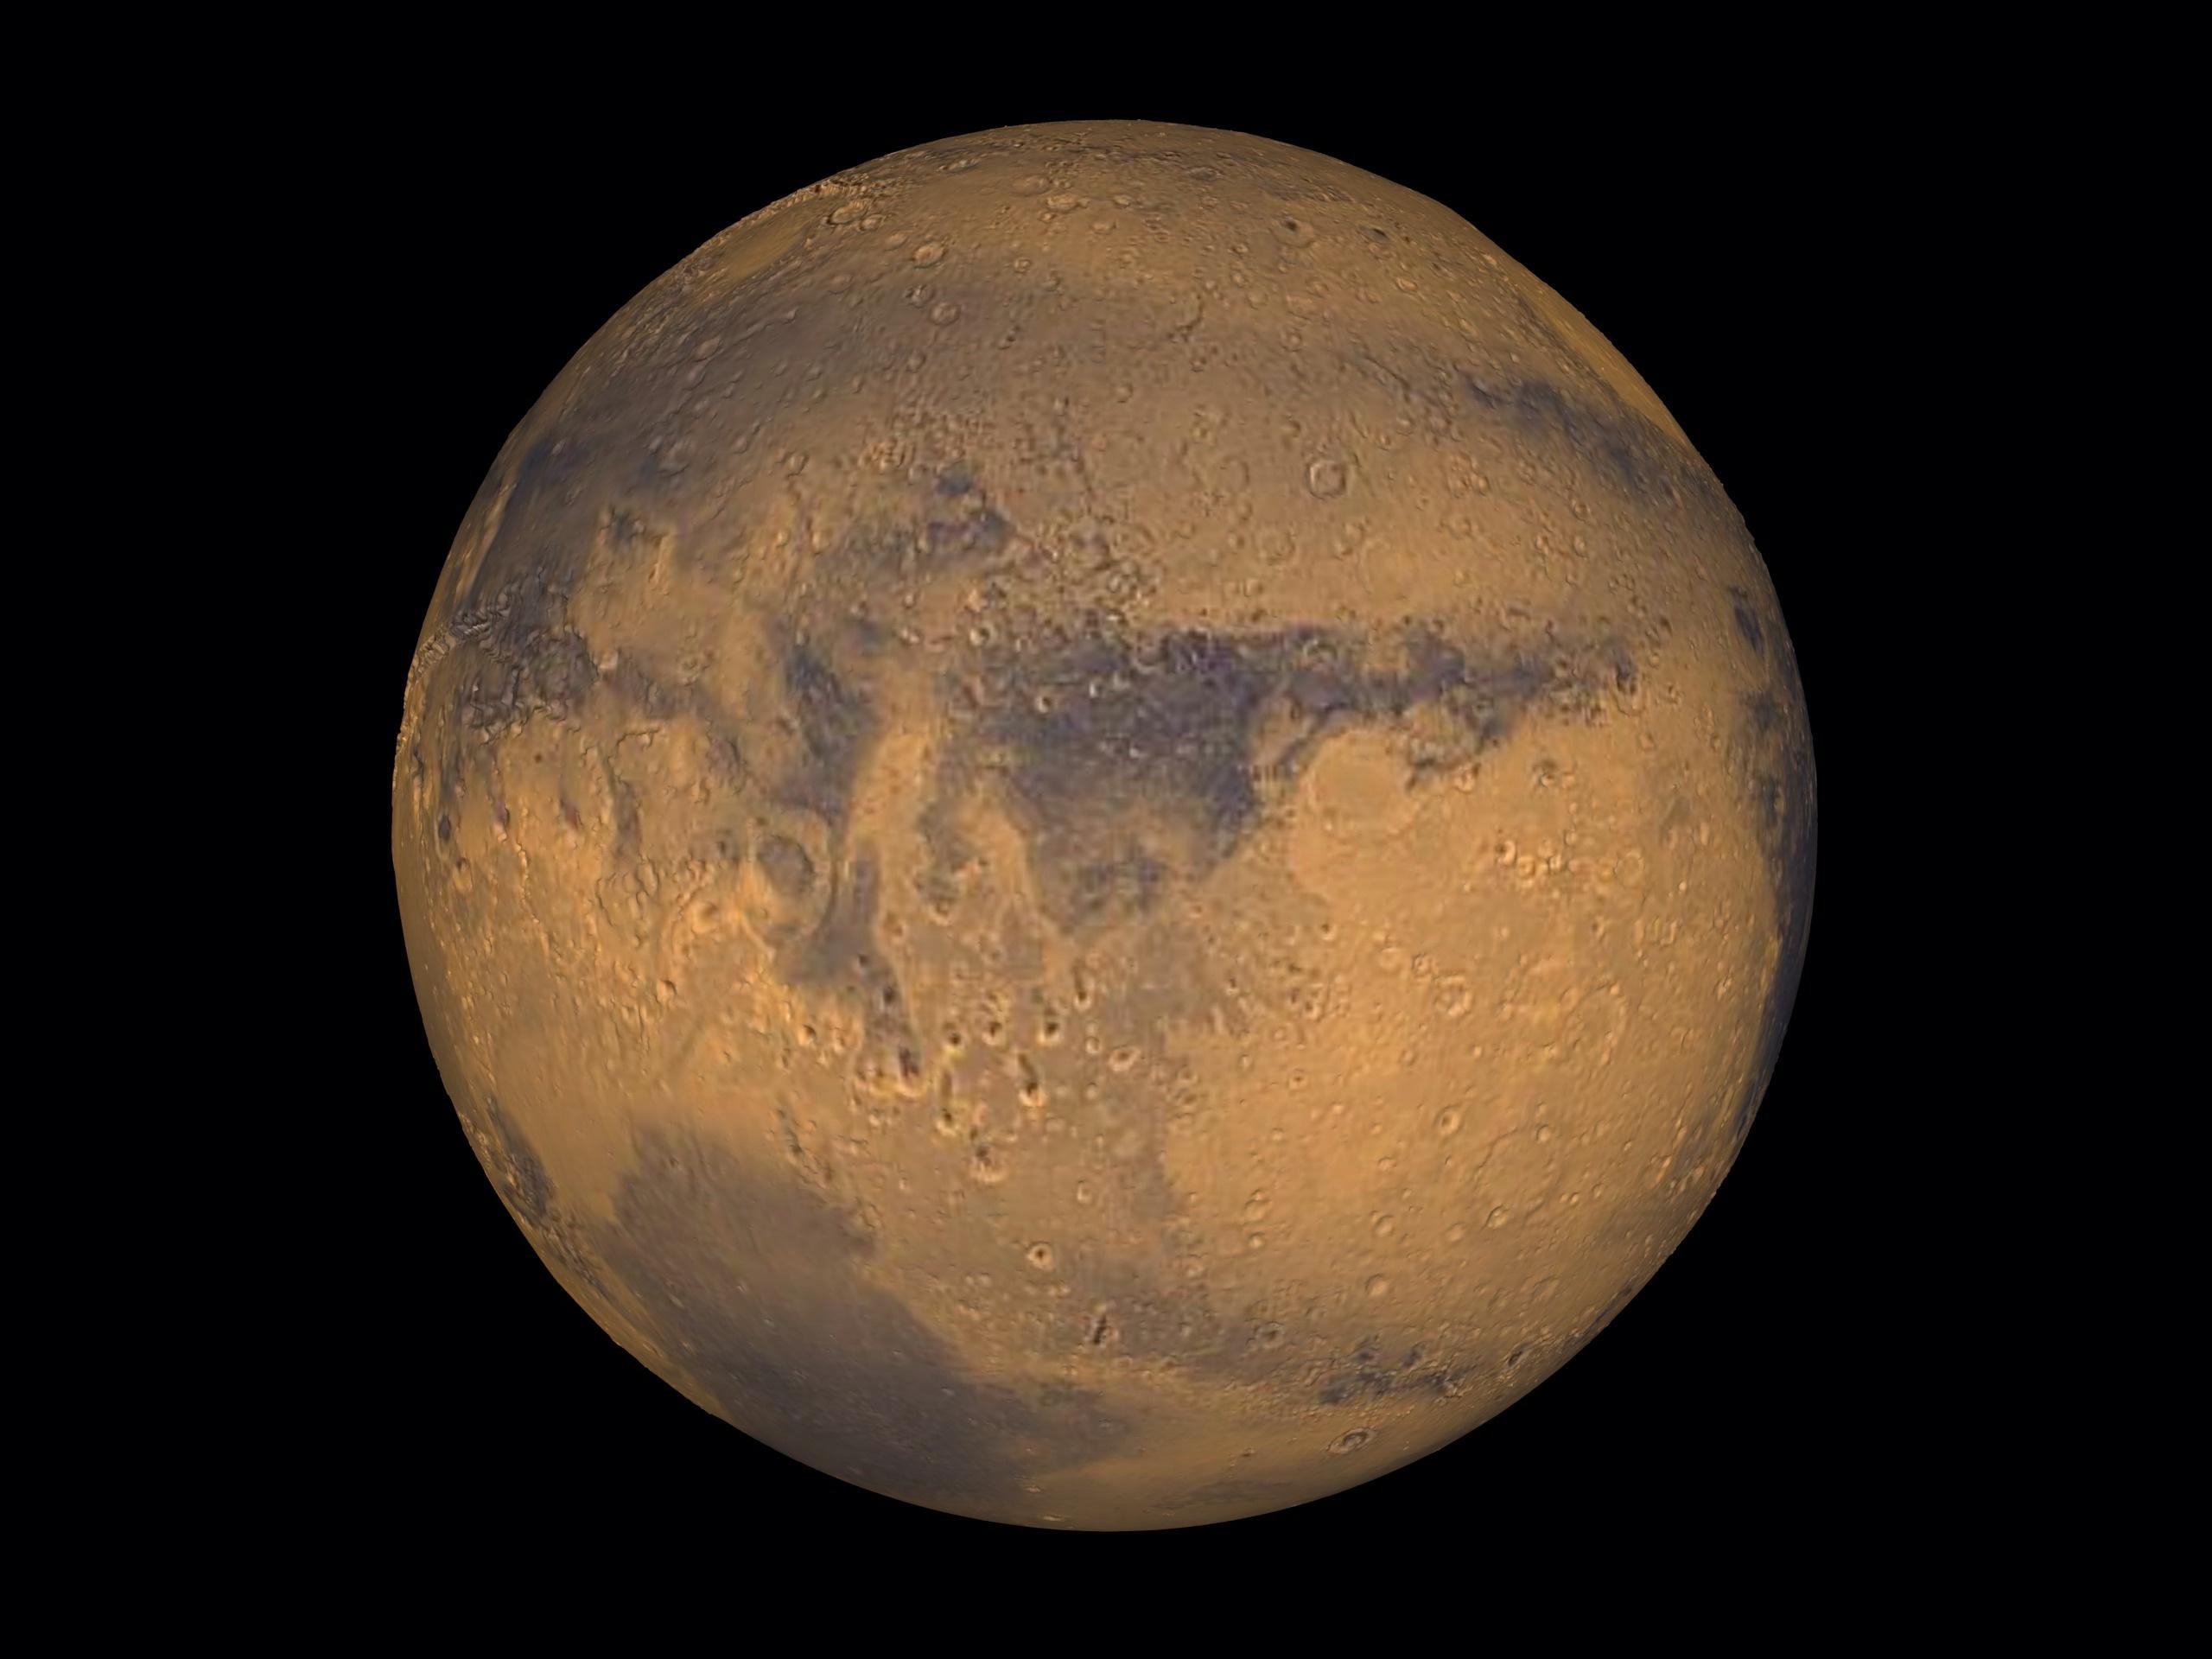 Ο Άρης κρύβει 4  λίμνες με αλμυρό νερό και ίχνη ζωής στα «σωθικά» του;